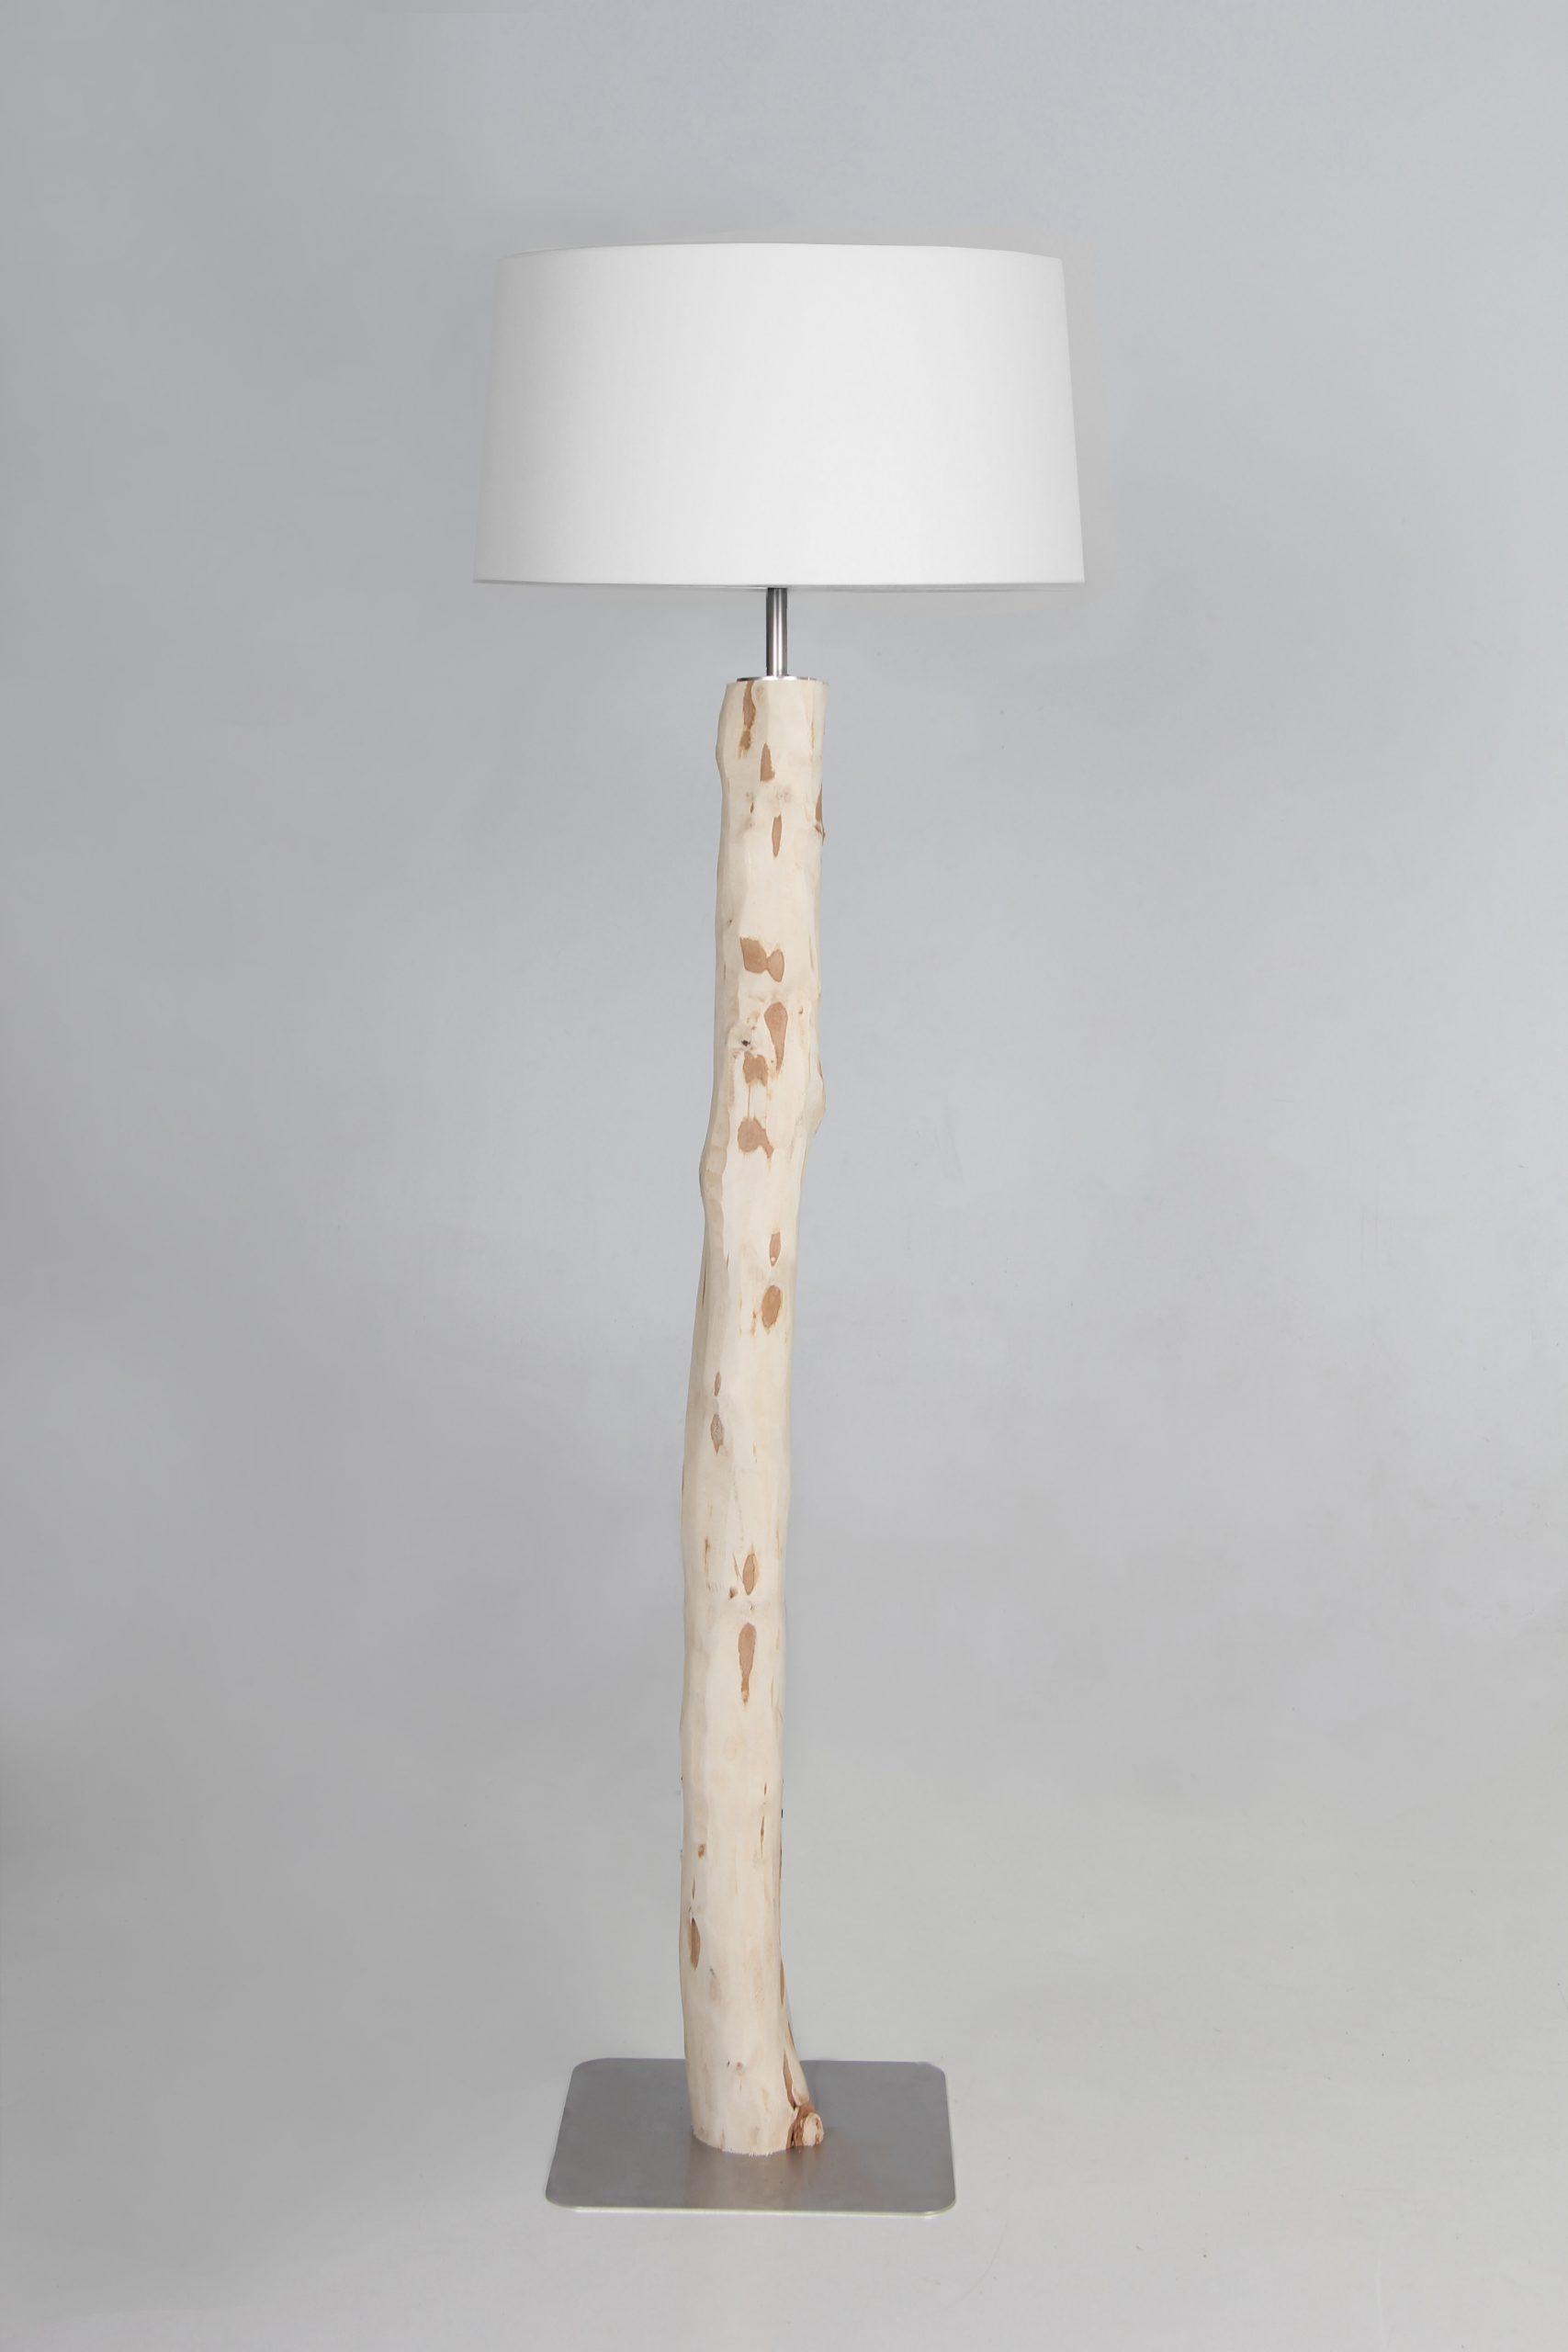 Full Size of Stehlampe Holz Lampen Stehleuchte Mit Stamm 160 Cm Wohnzimmer Schlafzimmer Komplett Massivholz Esstisch Ausziehbar Holzküche Sichtschutz Garten Esstische Wohnzimmer Stehlampe Holz